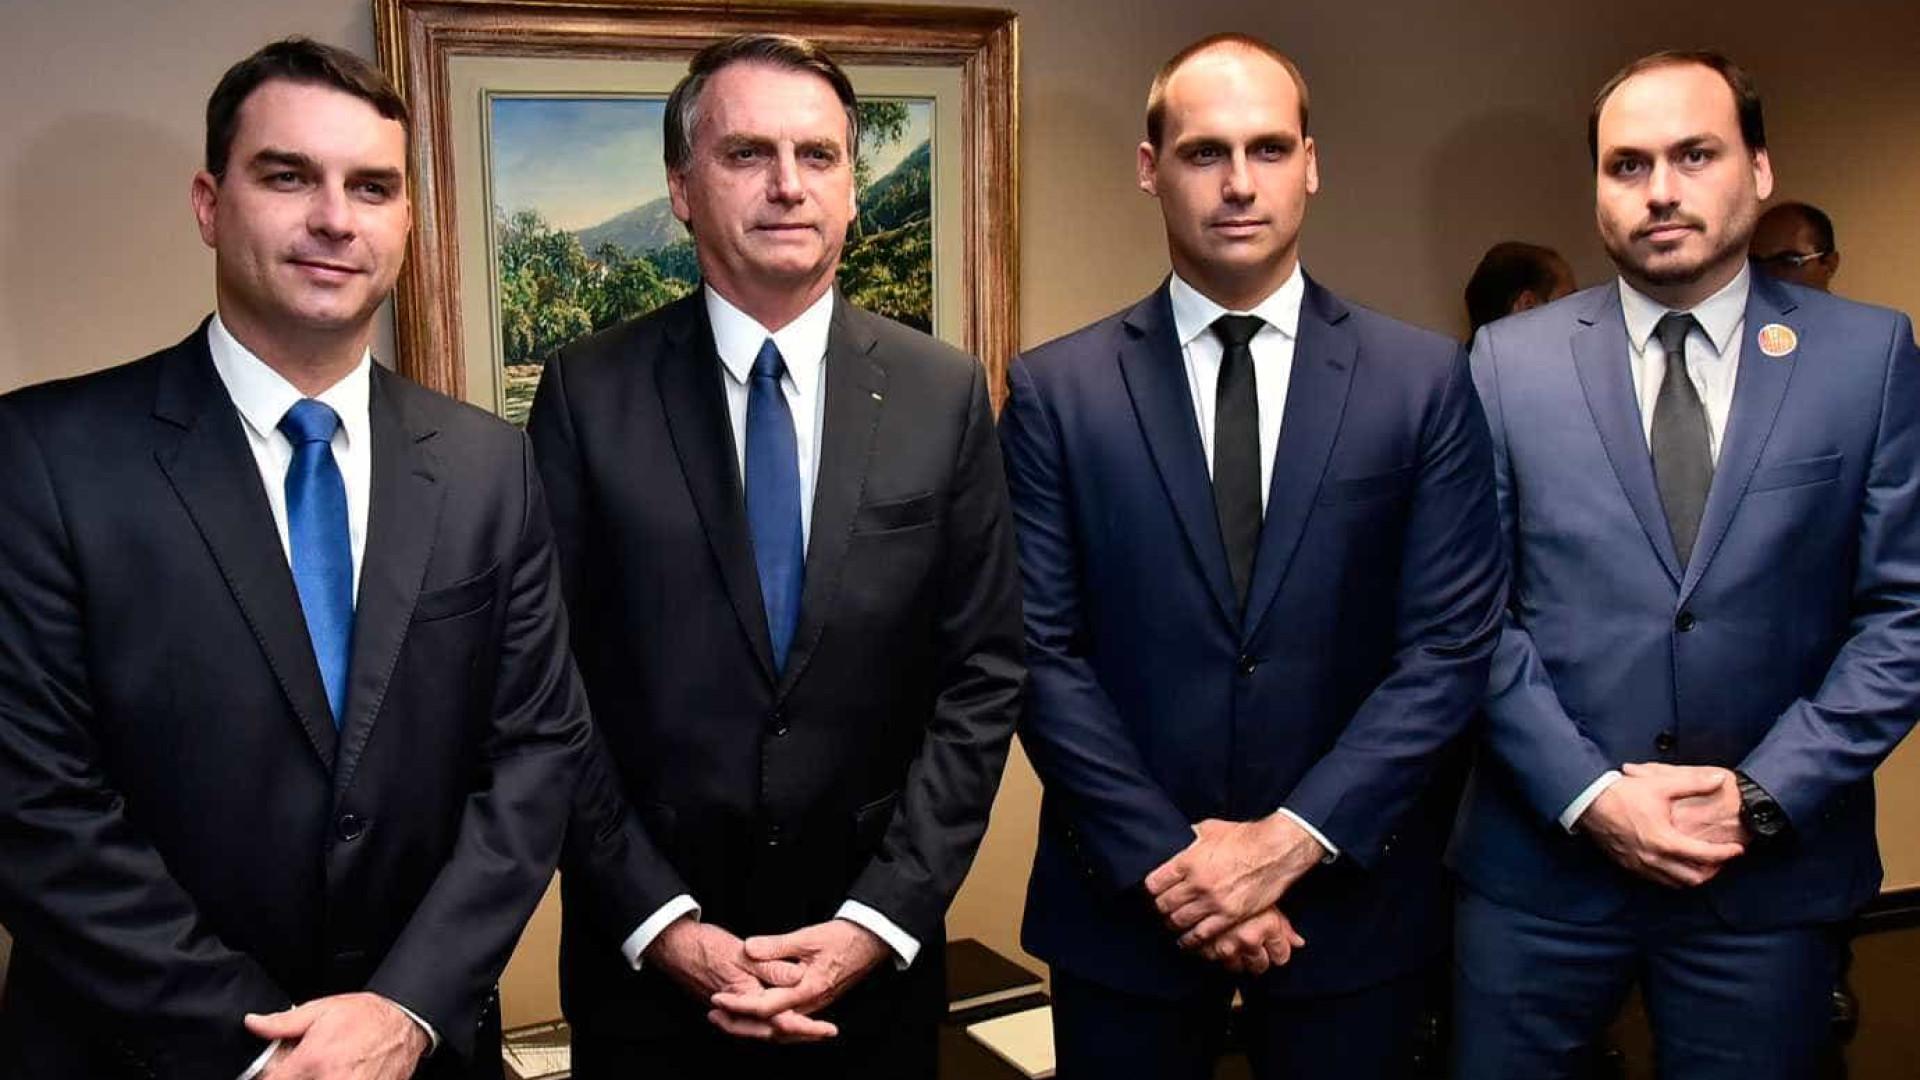 Aliado vê com maus olhos atuação de filhos de Bolsonaro